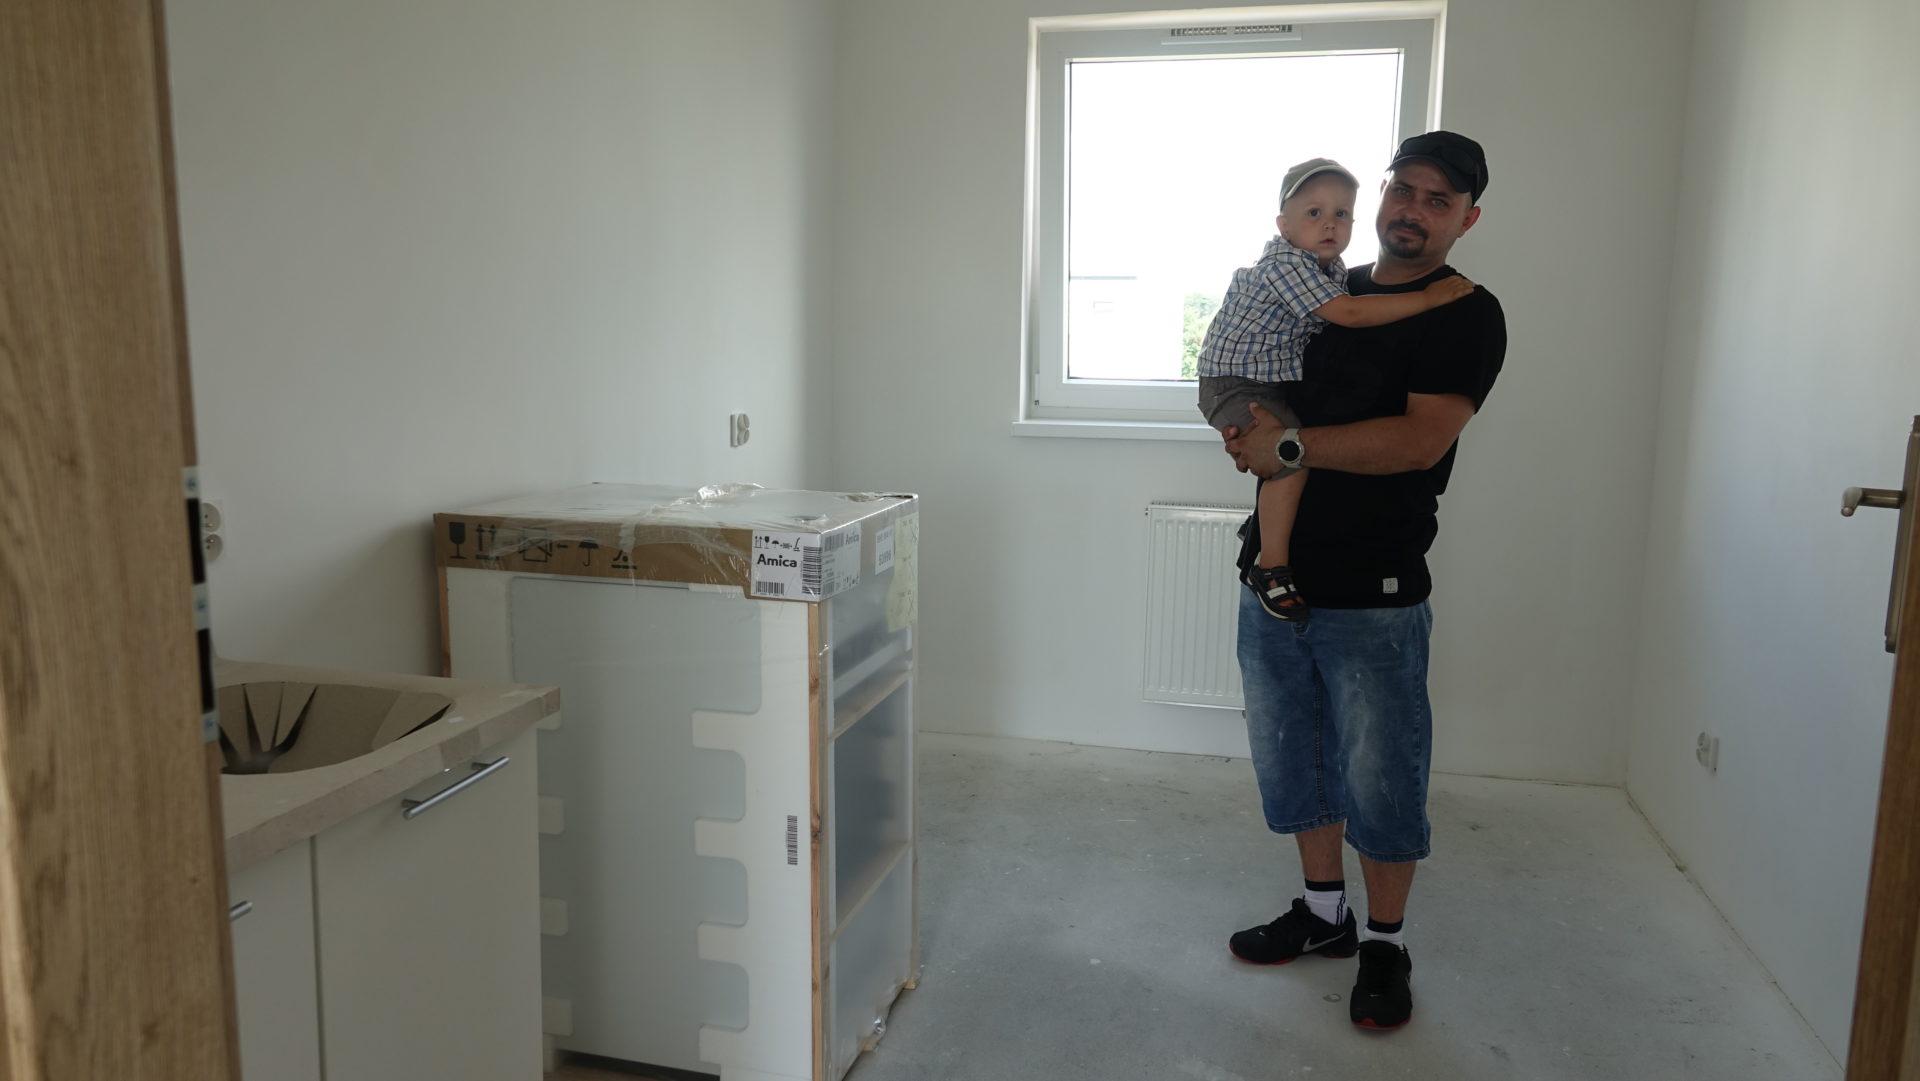 OSIEDLE RODZINNE w Nysie. Pierwsza rodzina dostaBa ju| klucze do mieszkania!